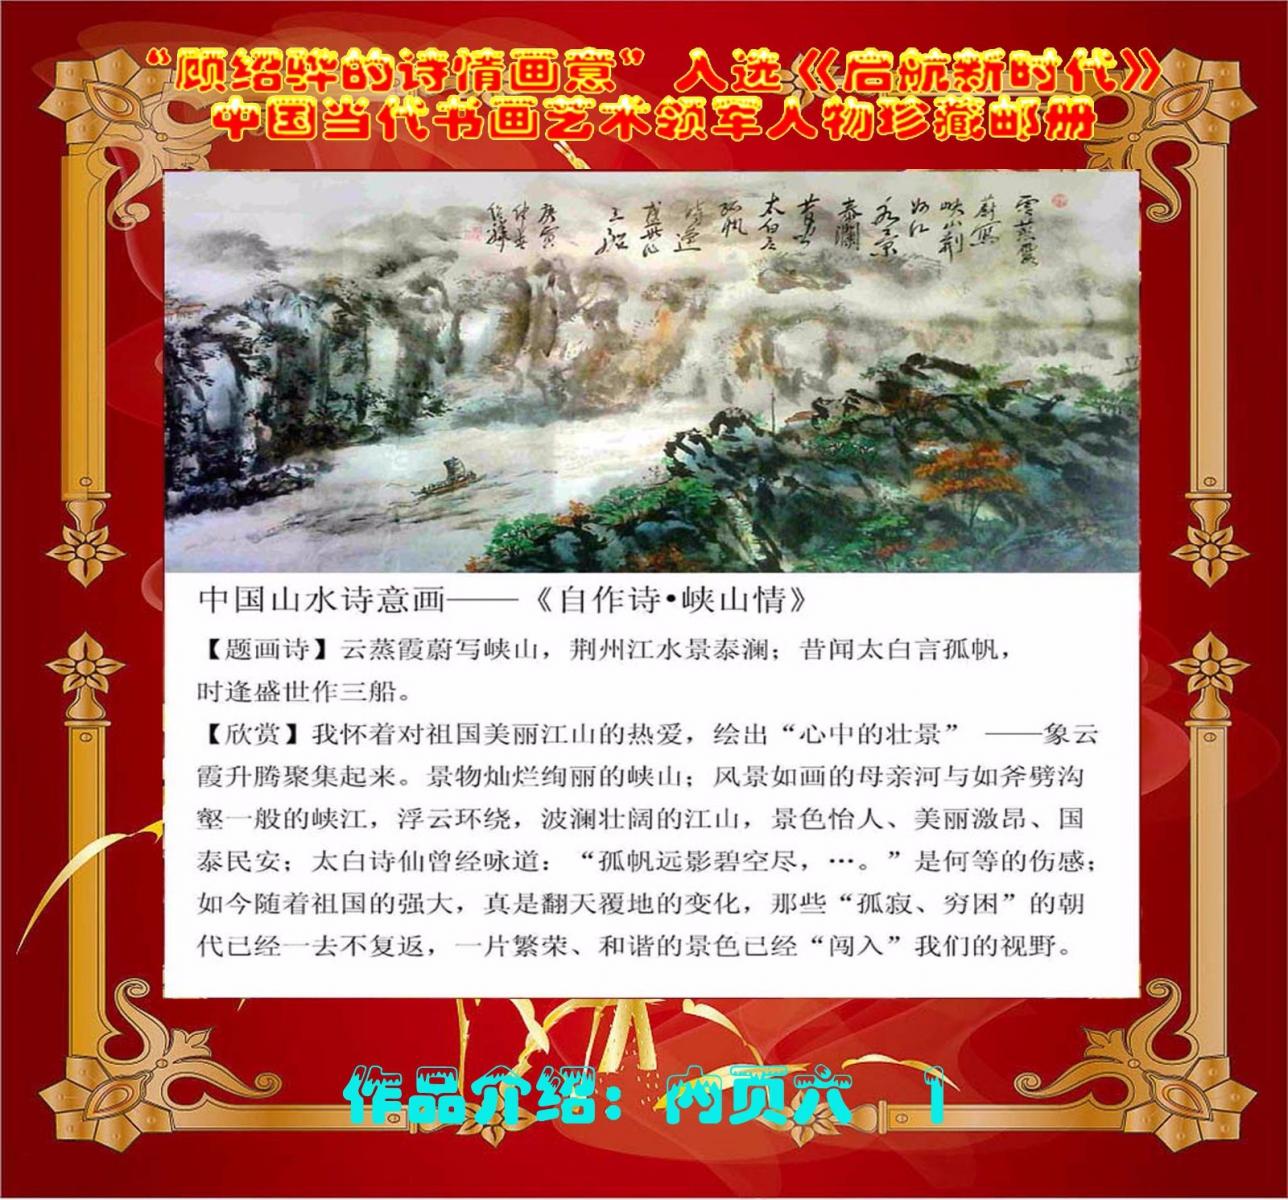 """""""顾绍骅的诗情画意""""入选《启航新时代》中国当代书画艺术领军人物珍藏集邮册 ... ..._图1-22"""